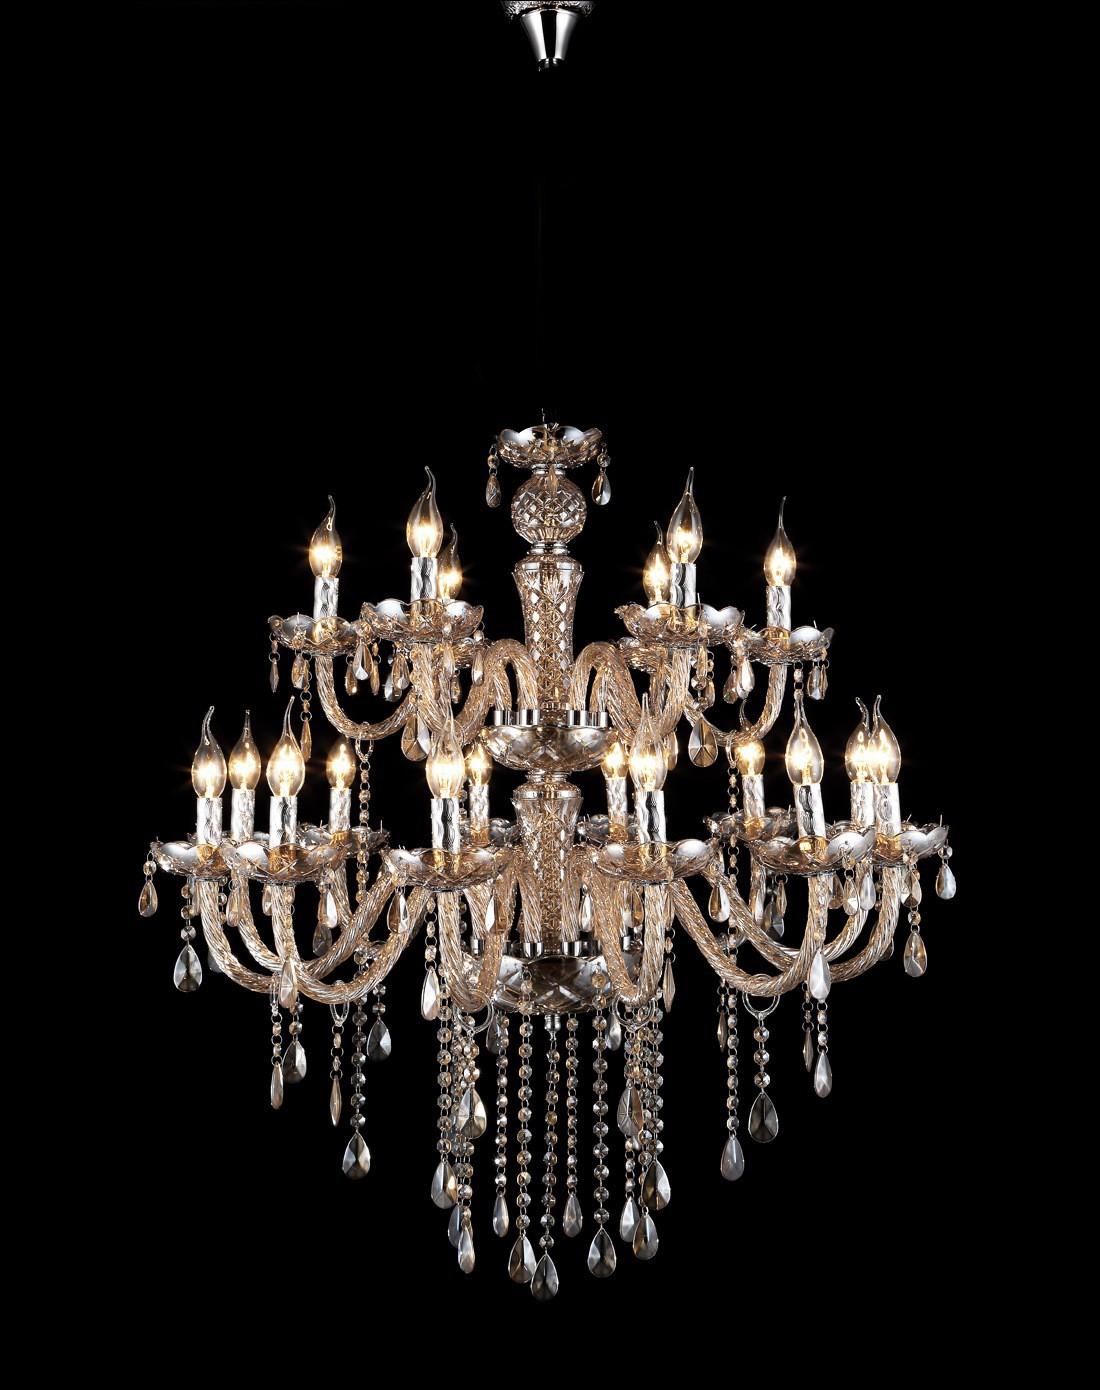 欧式客厅卧室水晶吊灯18头金粉世家